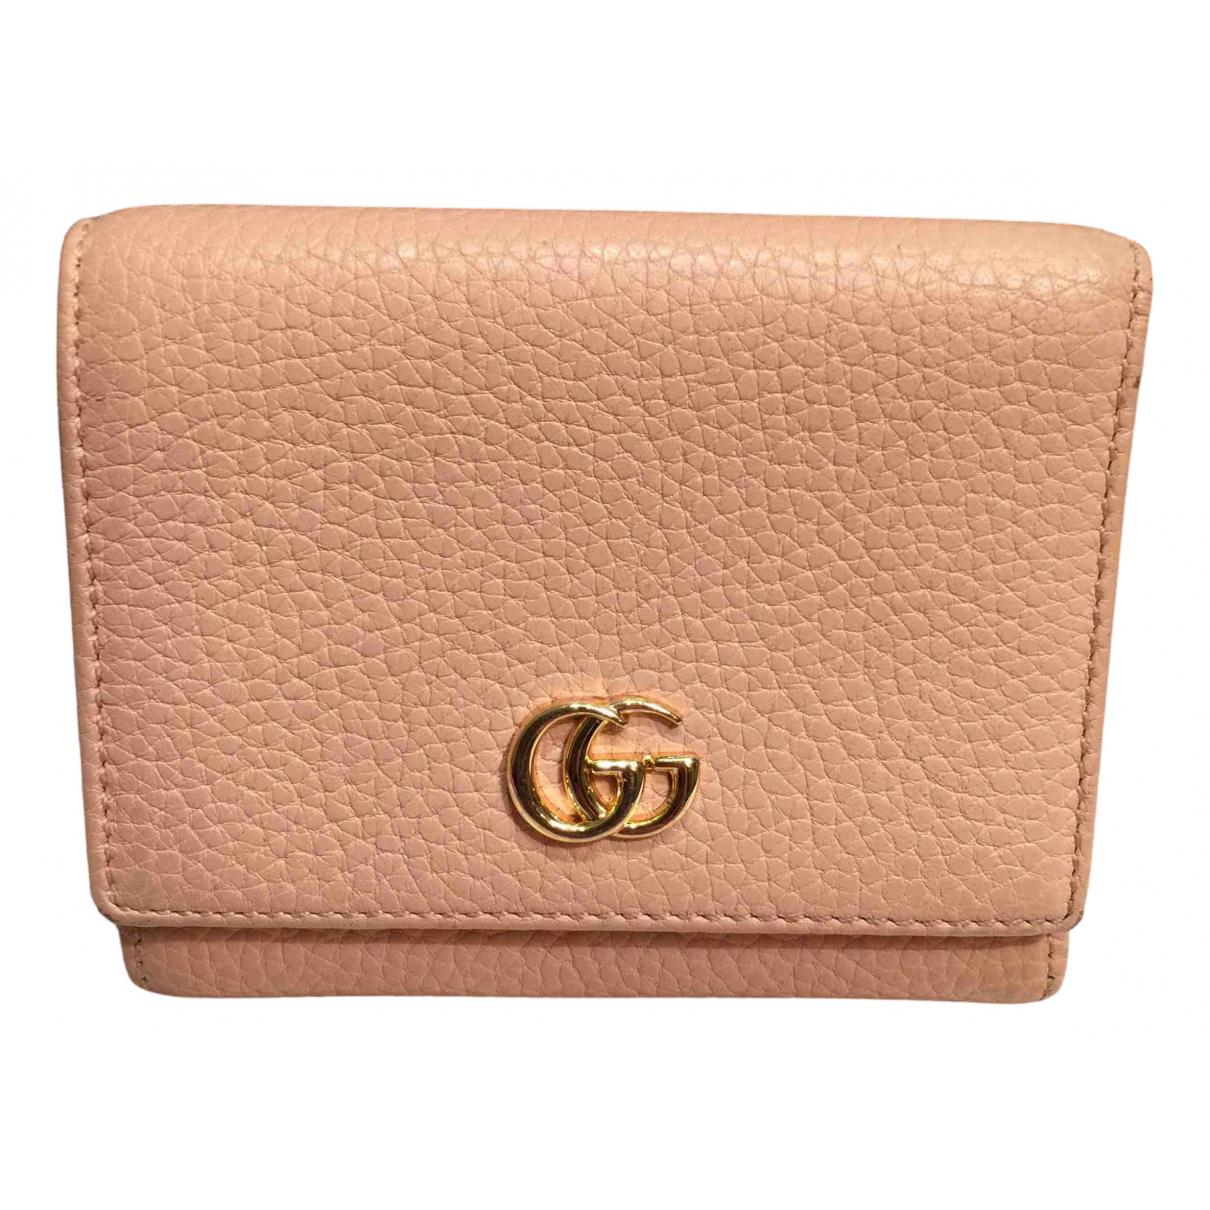 Gucci - Portefeuille Marmont pour femme en cuir - rose